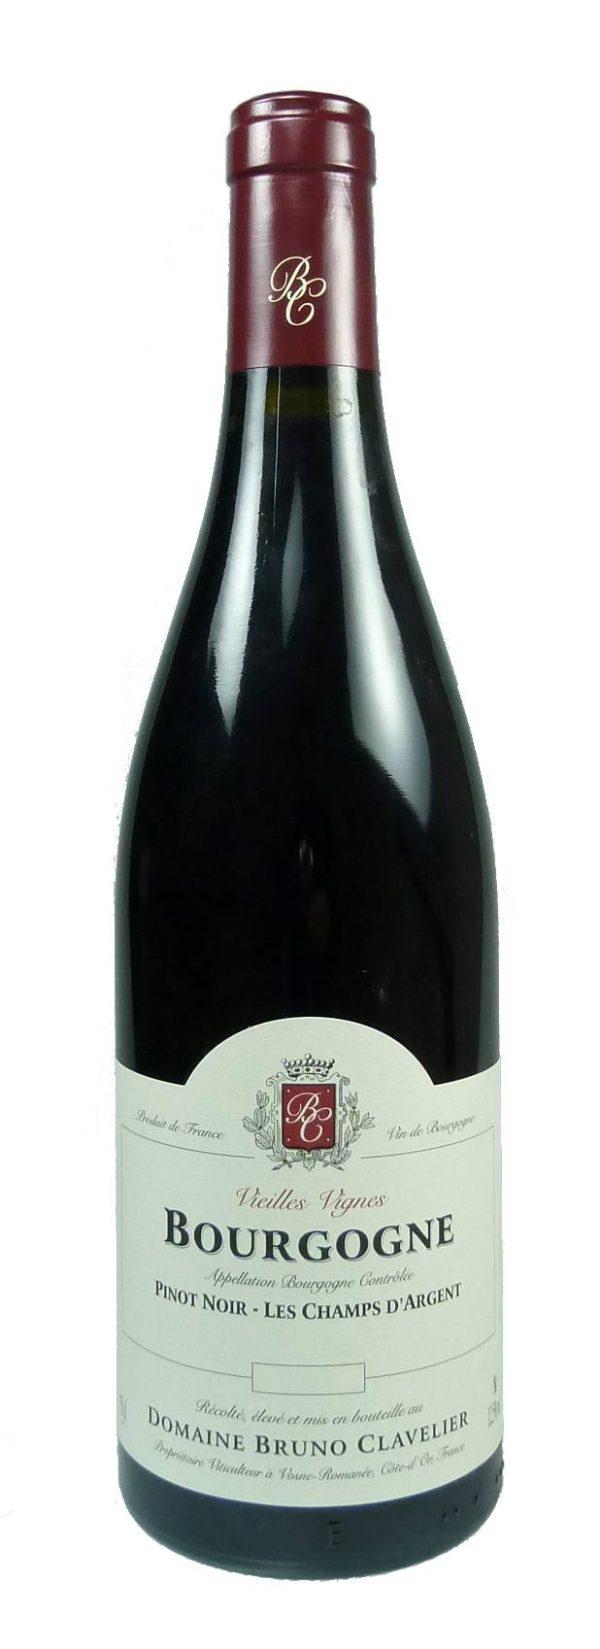 Les Champs d'Argent Bourgogne Pinot Noir 2015